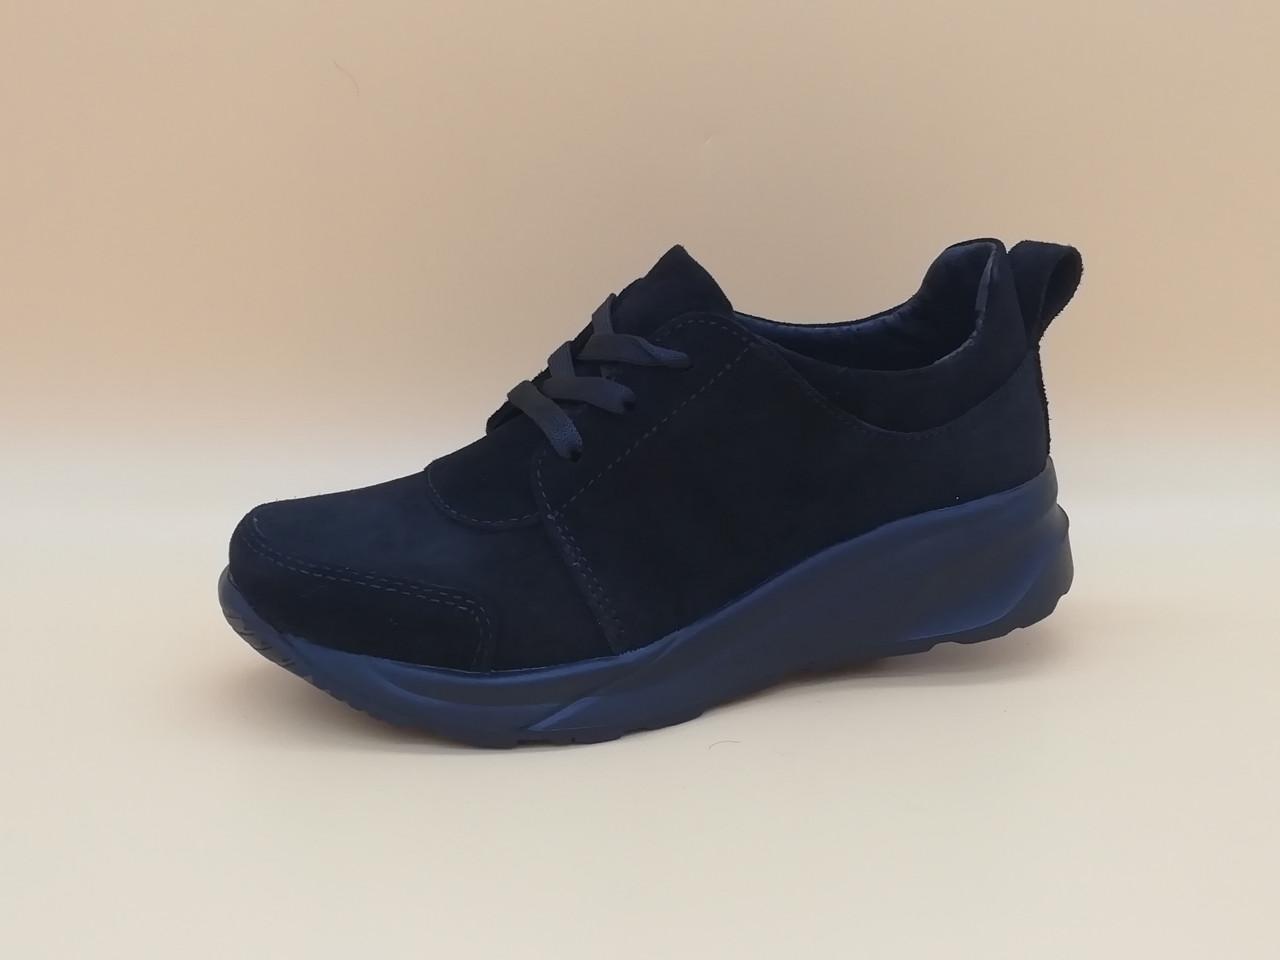 Чорні туфлі на танкетці. Україна. Маленькі розміри ( 33 - 35 ).